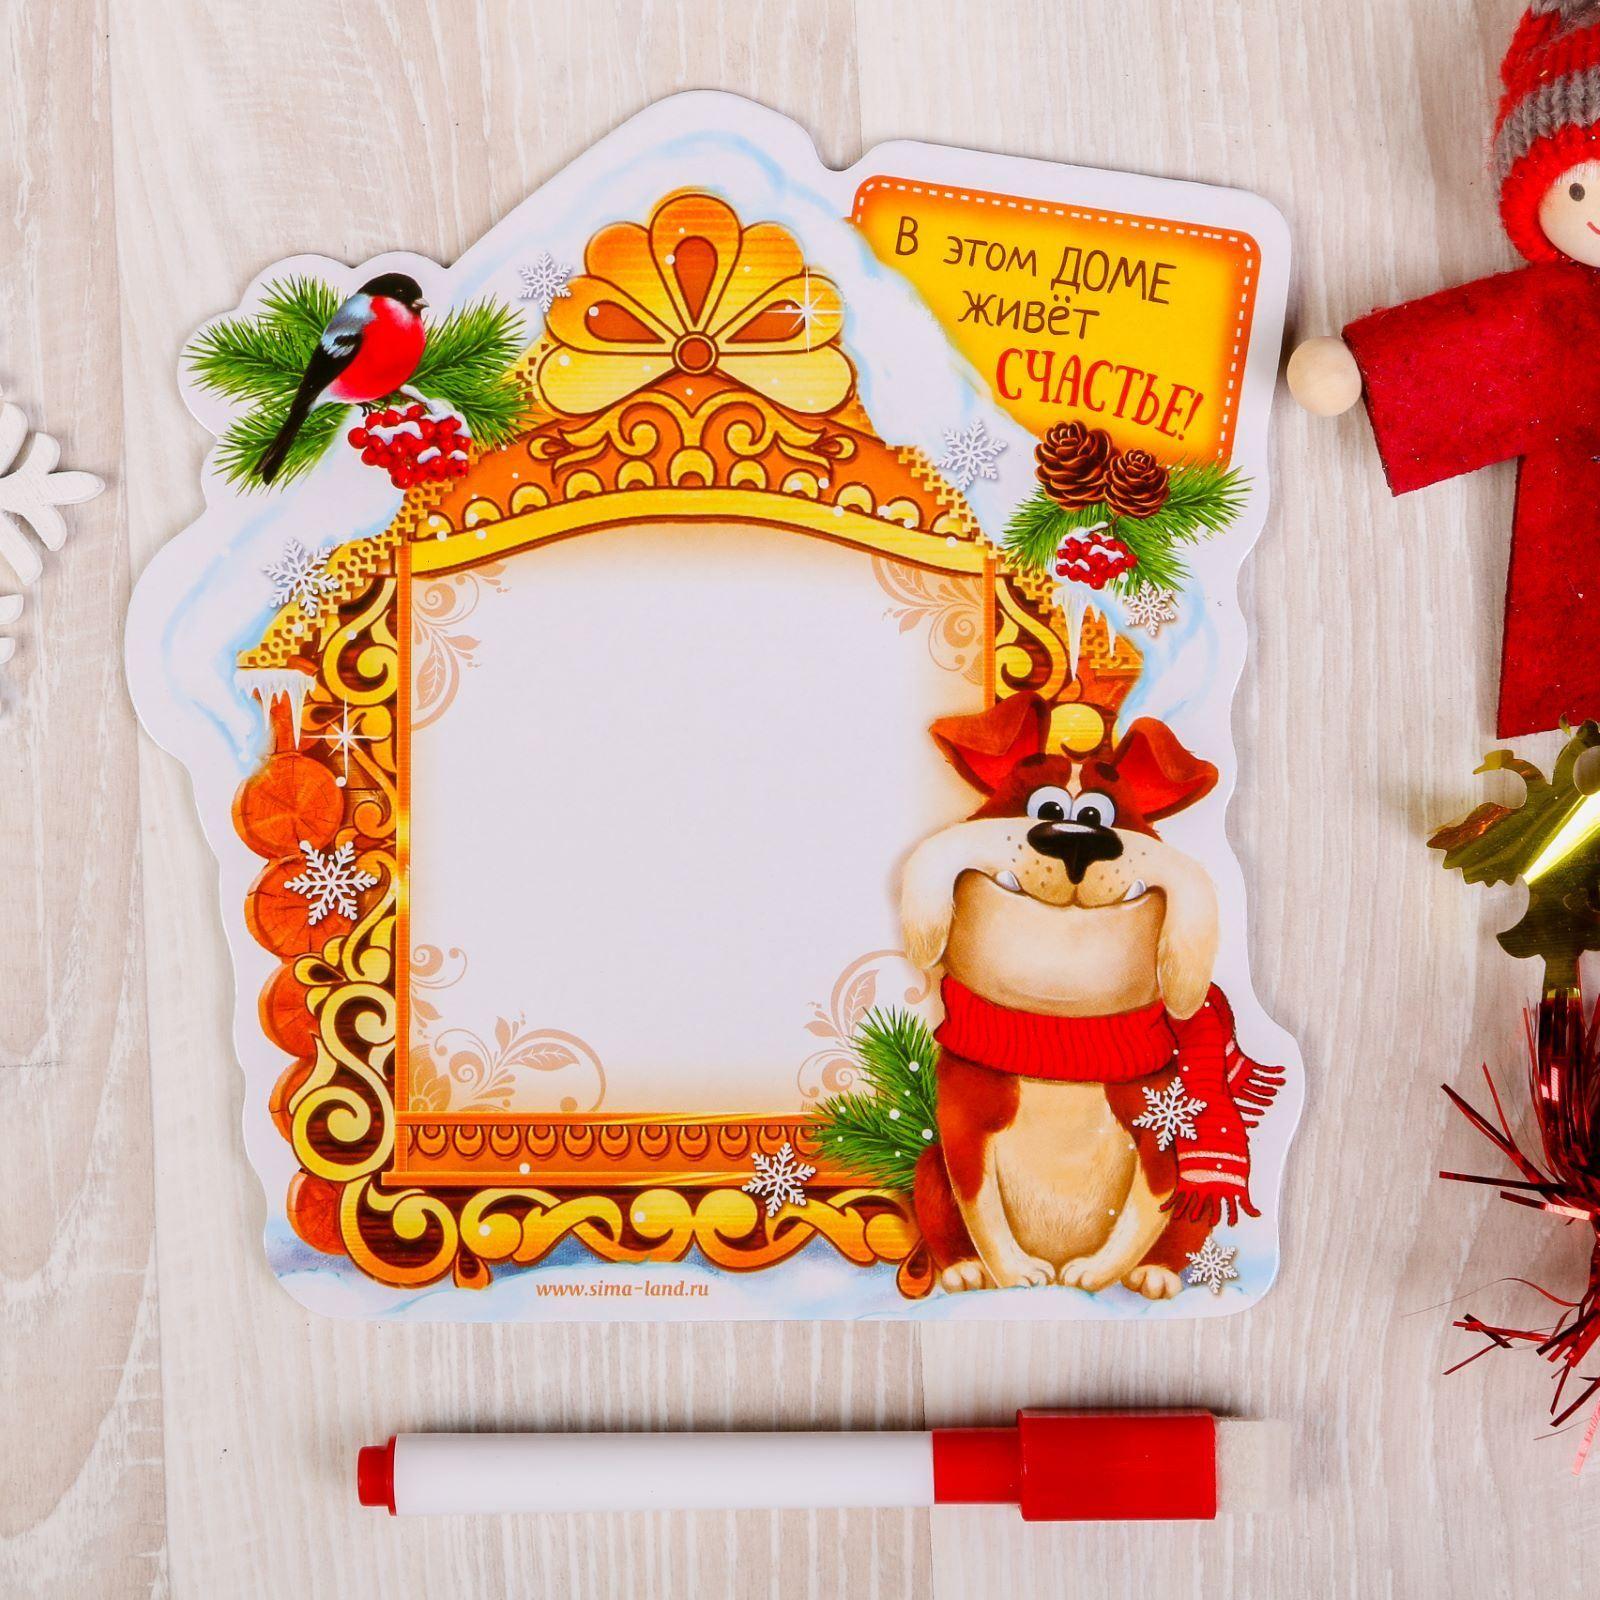 Доска магнитная Sima-land В этом доме живет счастье, 15 х 16 см2196222Порадуйте родных и близких оригинальным сувениром: преподнесите в подарок магнит. С ним даже самый серьёзный человек почувствует себя ребёнком, ожидающим чудо! Создайте праздничное настроение, и оно останется с вами на весь год.